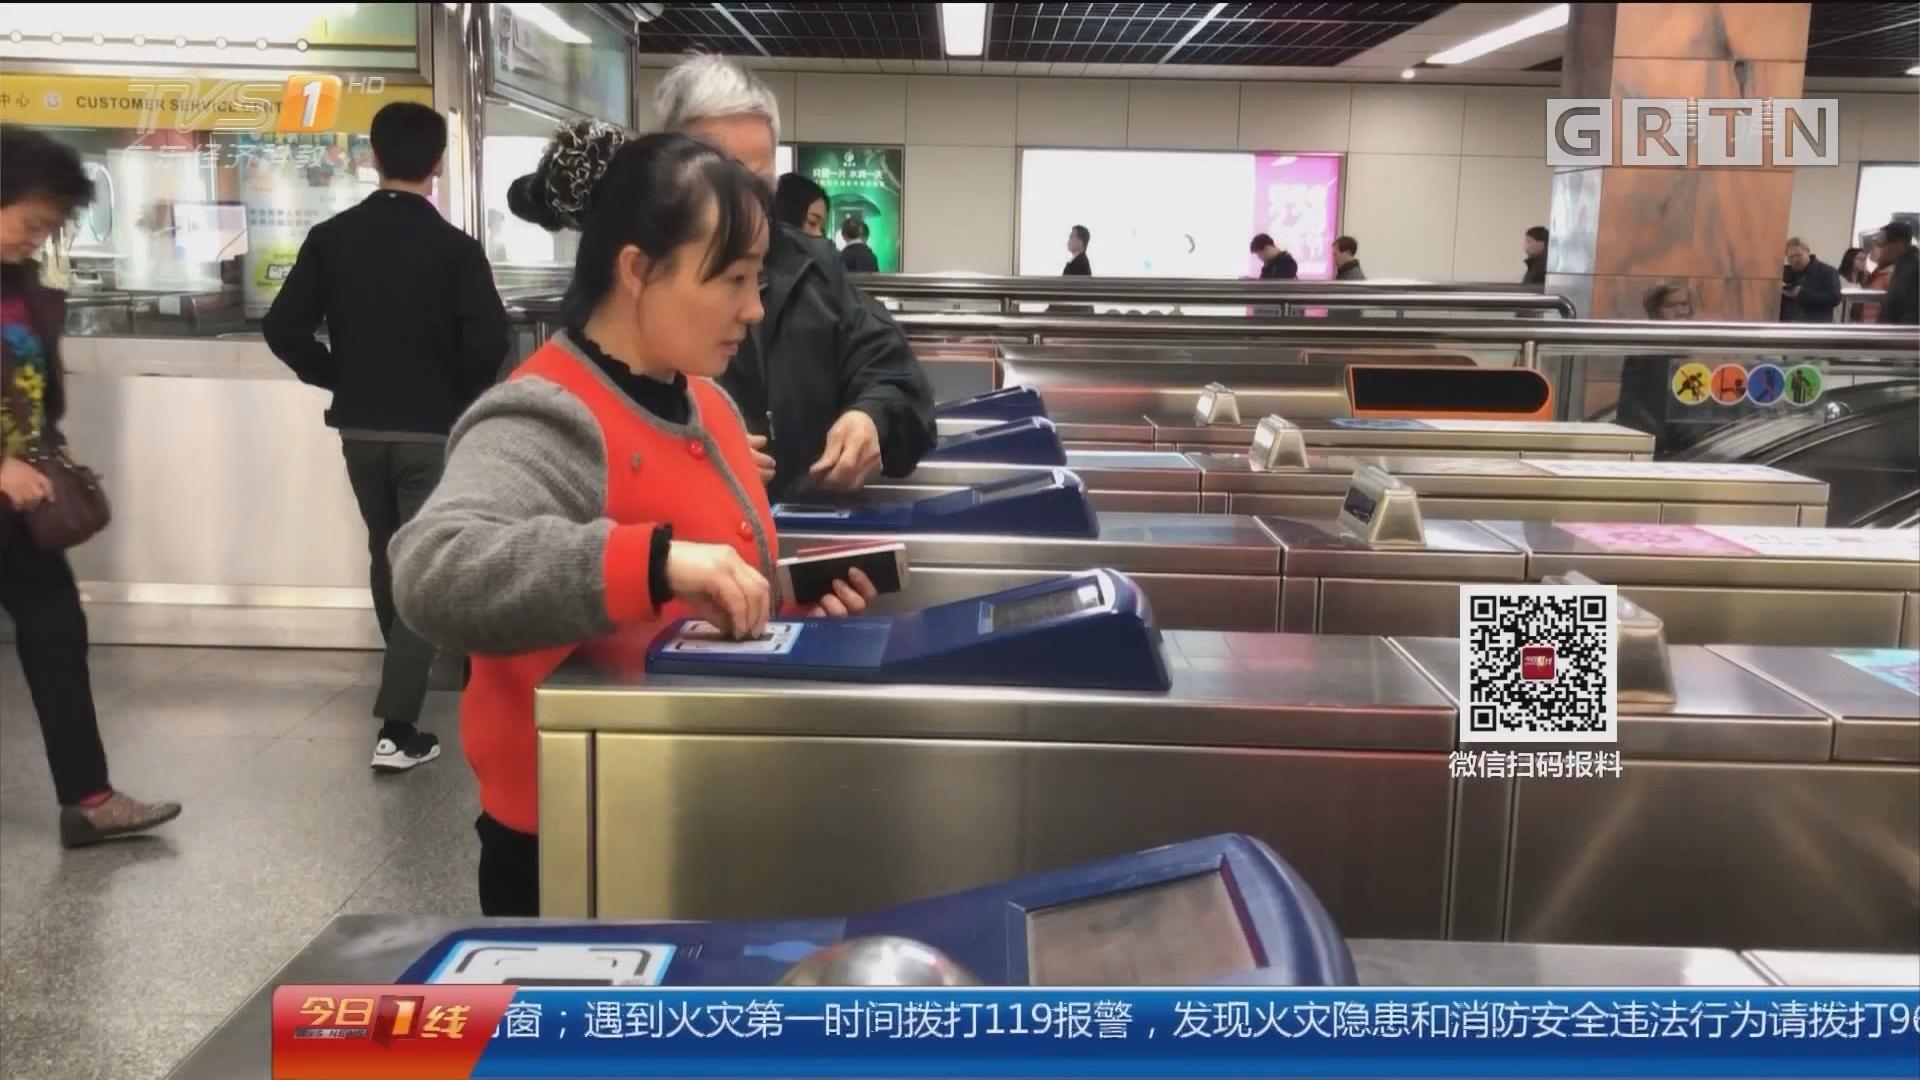 广州:羊城通+闪付信用卡 会重复扣费?!